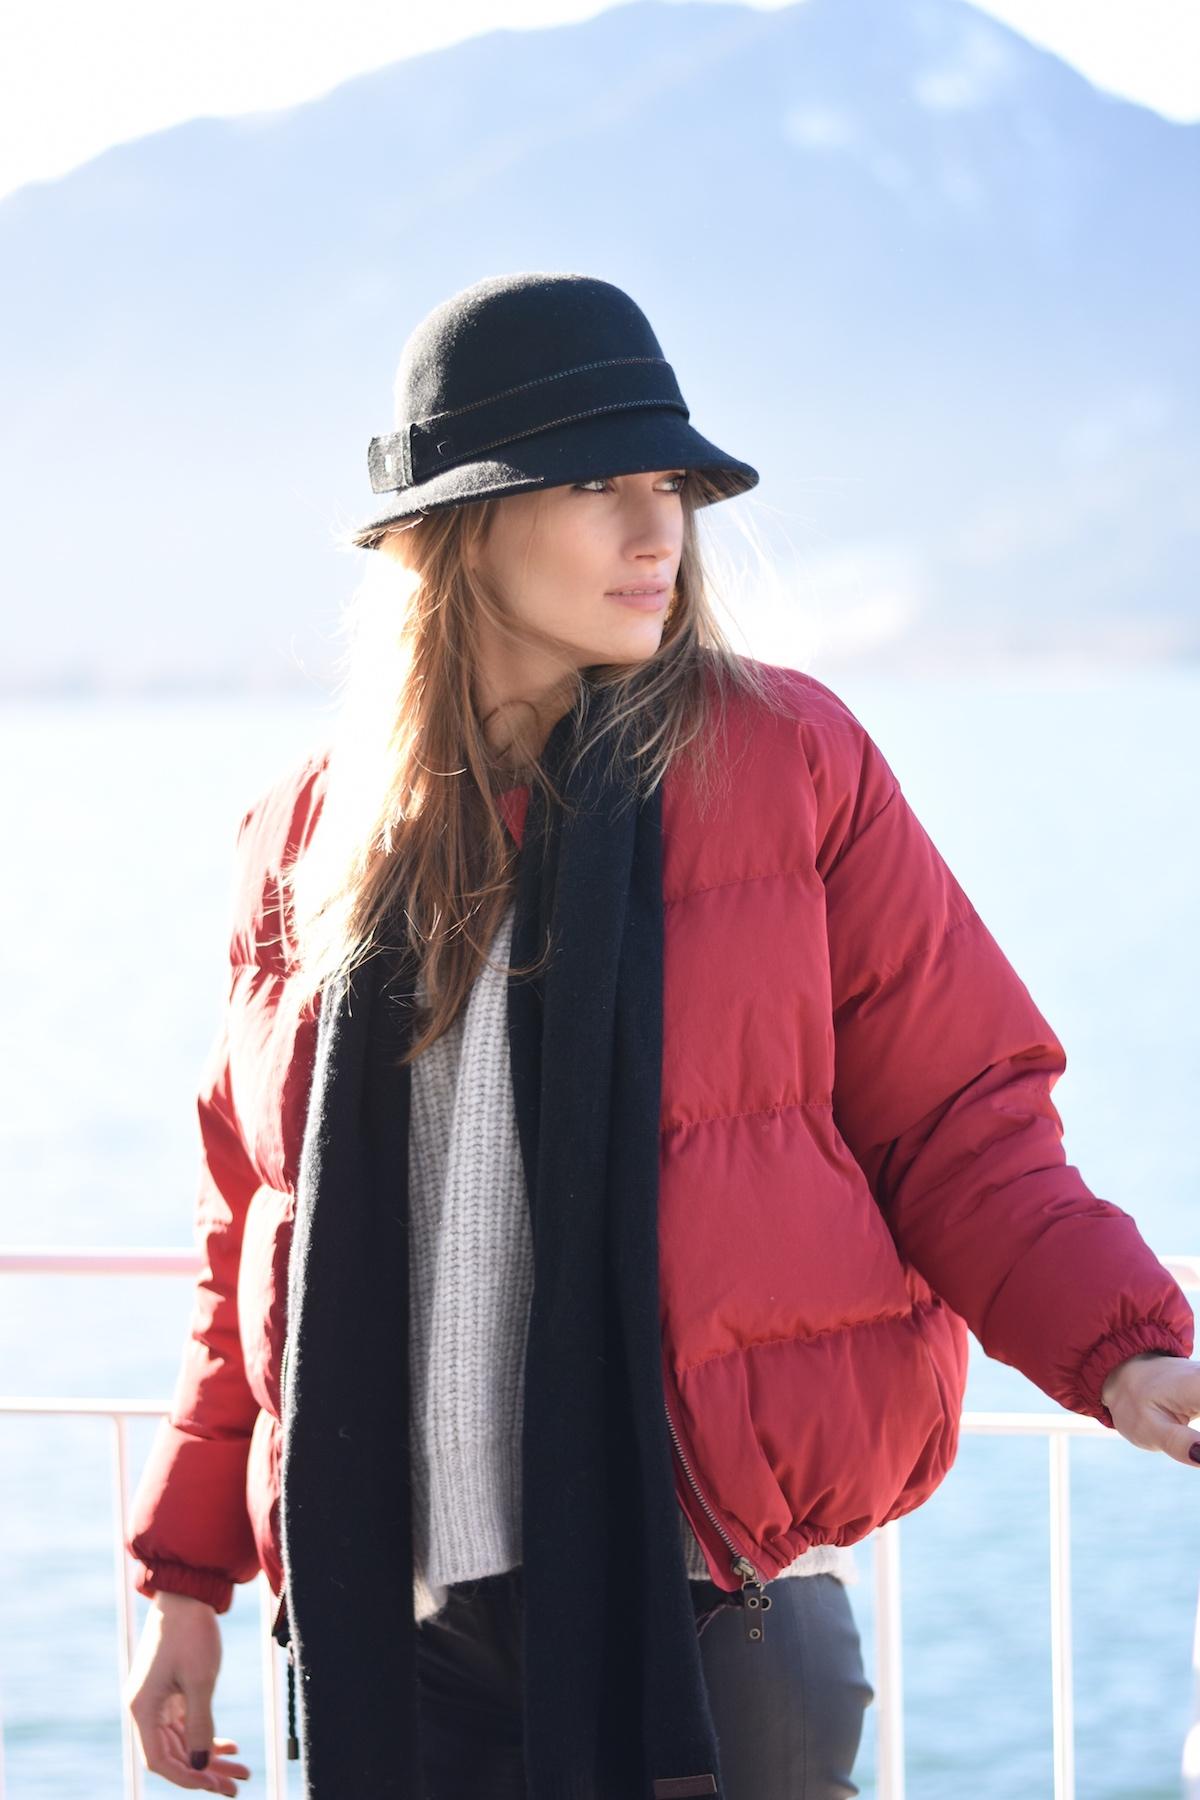 Chic & Schlittentauglich - Ein Winterschuh für alle Fälle + Outfit, Okay, Fashion kann ich auch, haha #modelblick